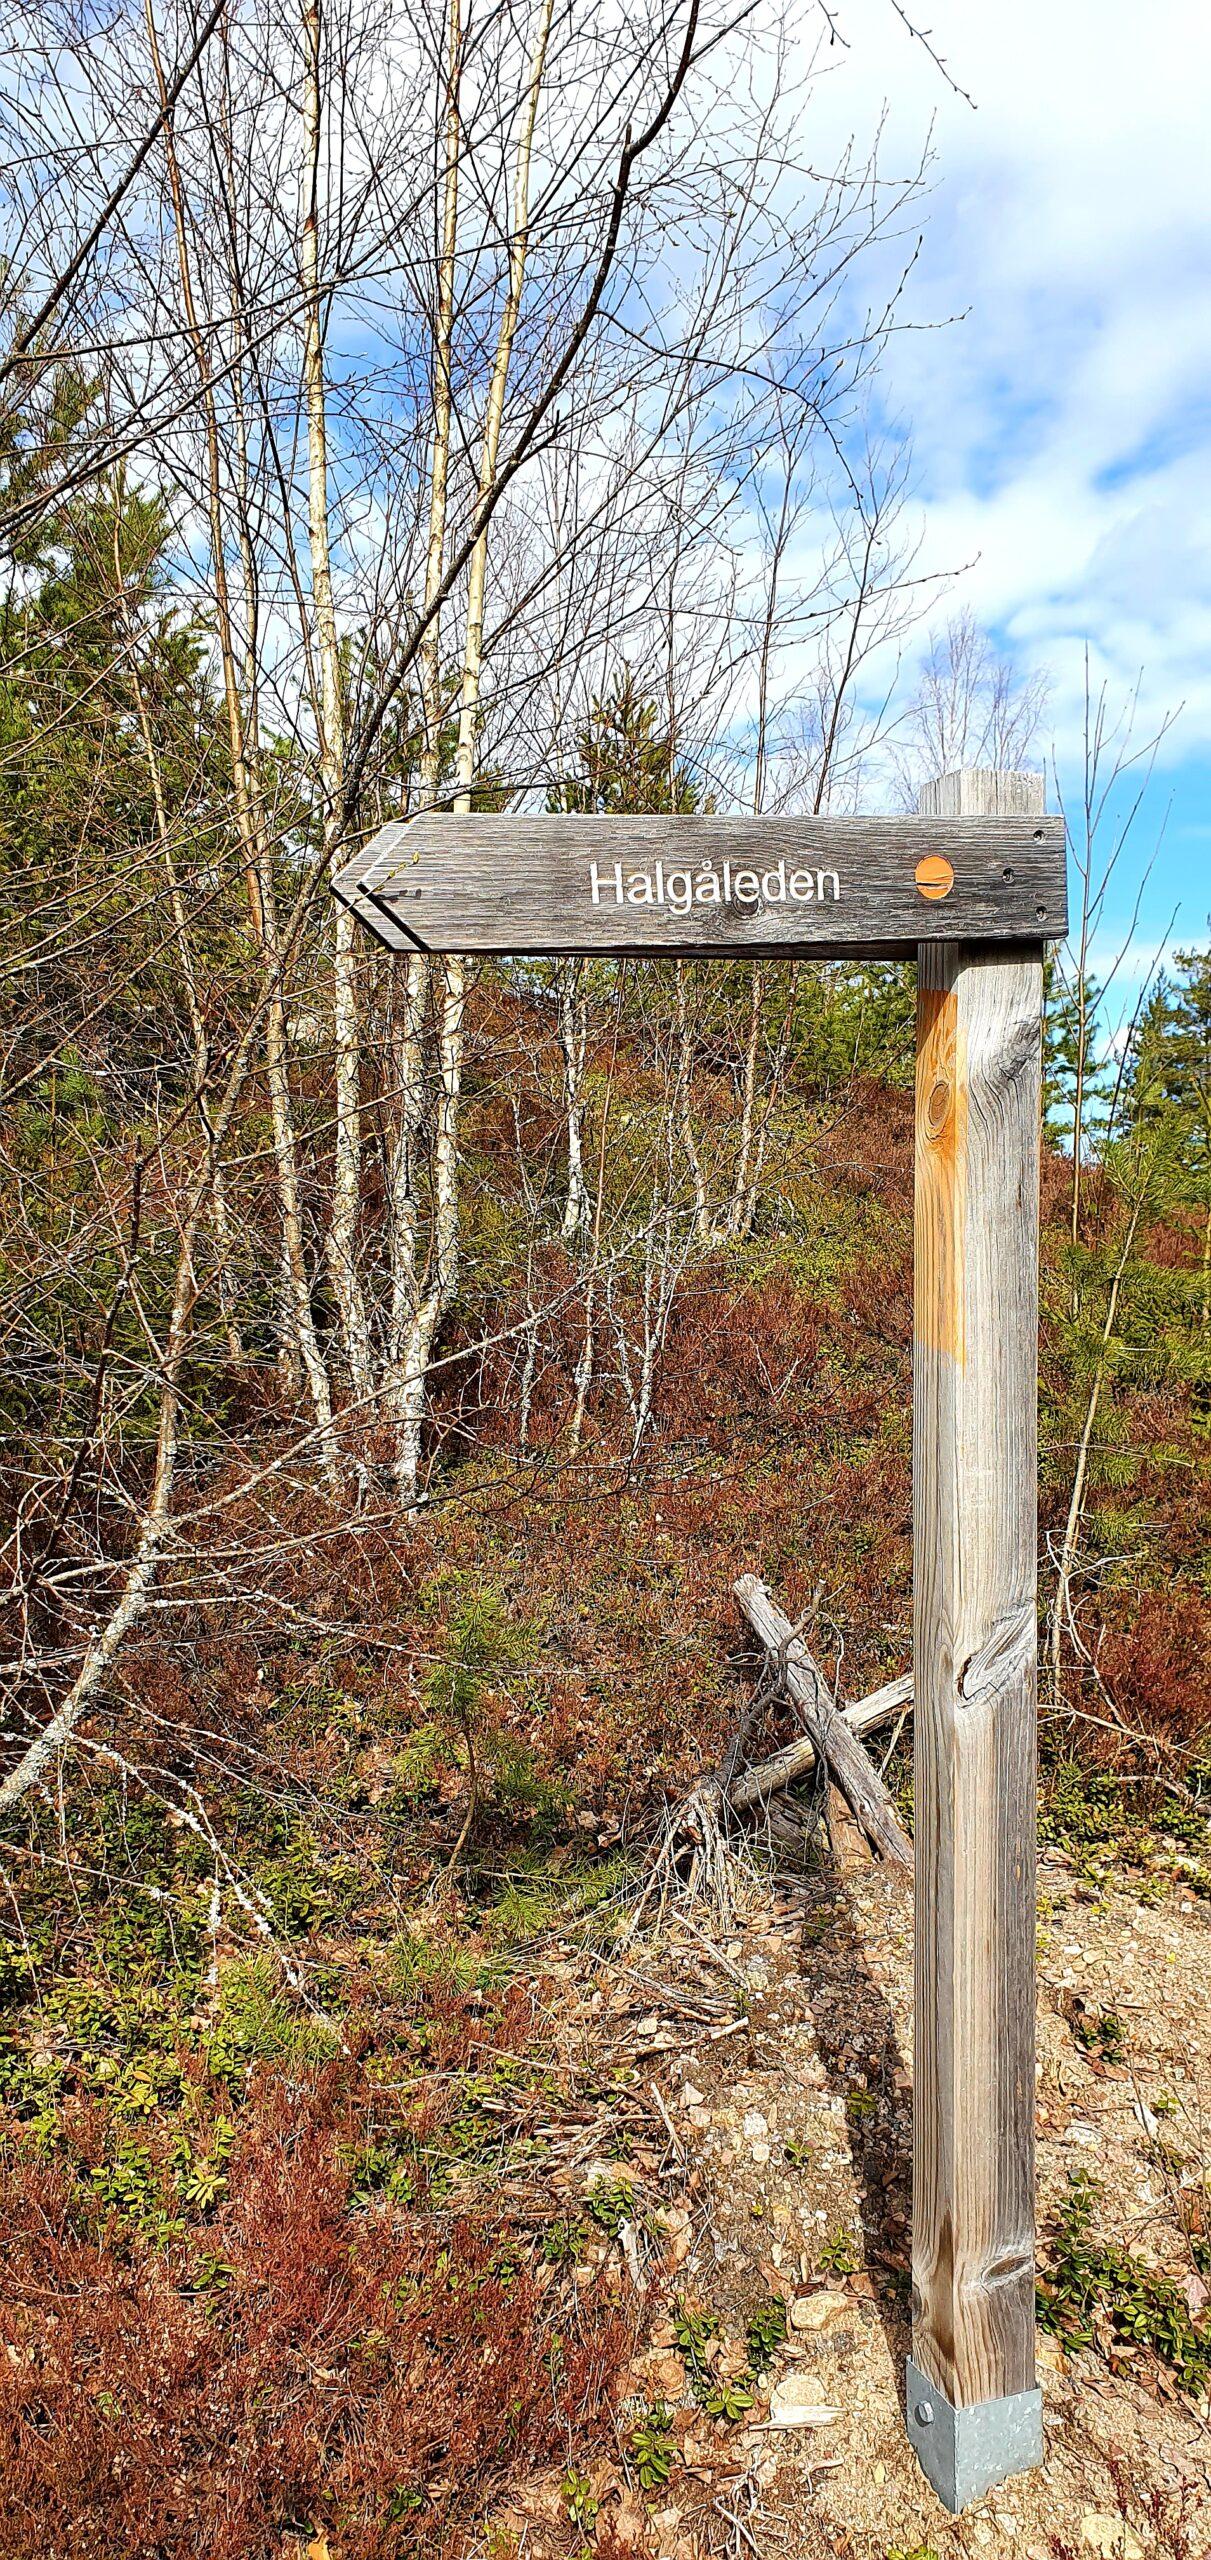 Halgåleden